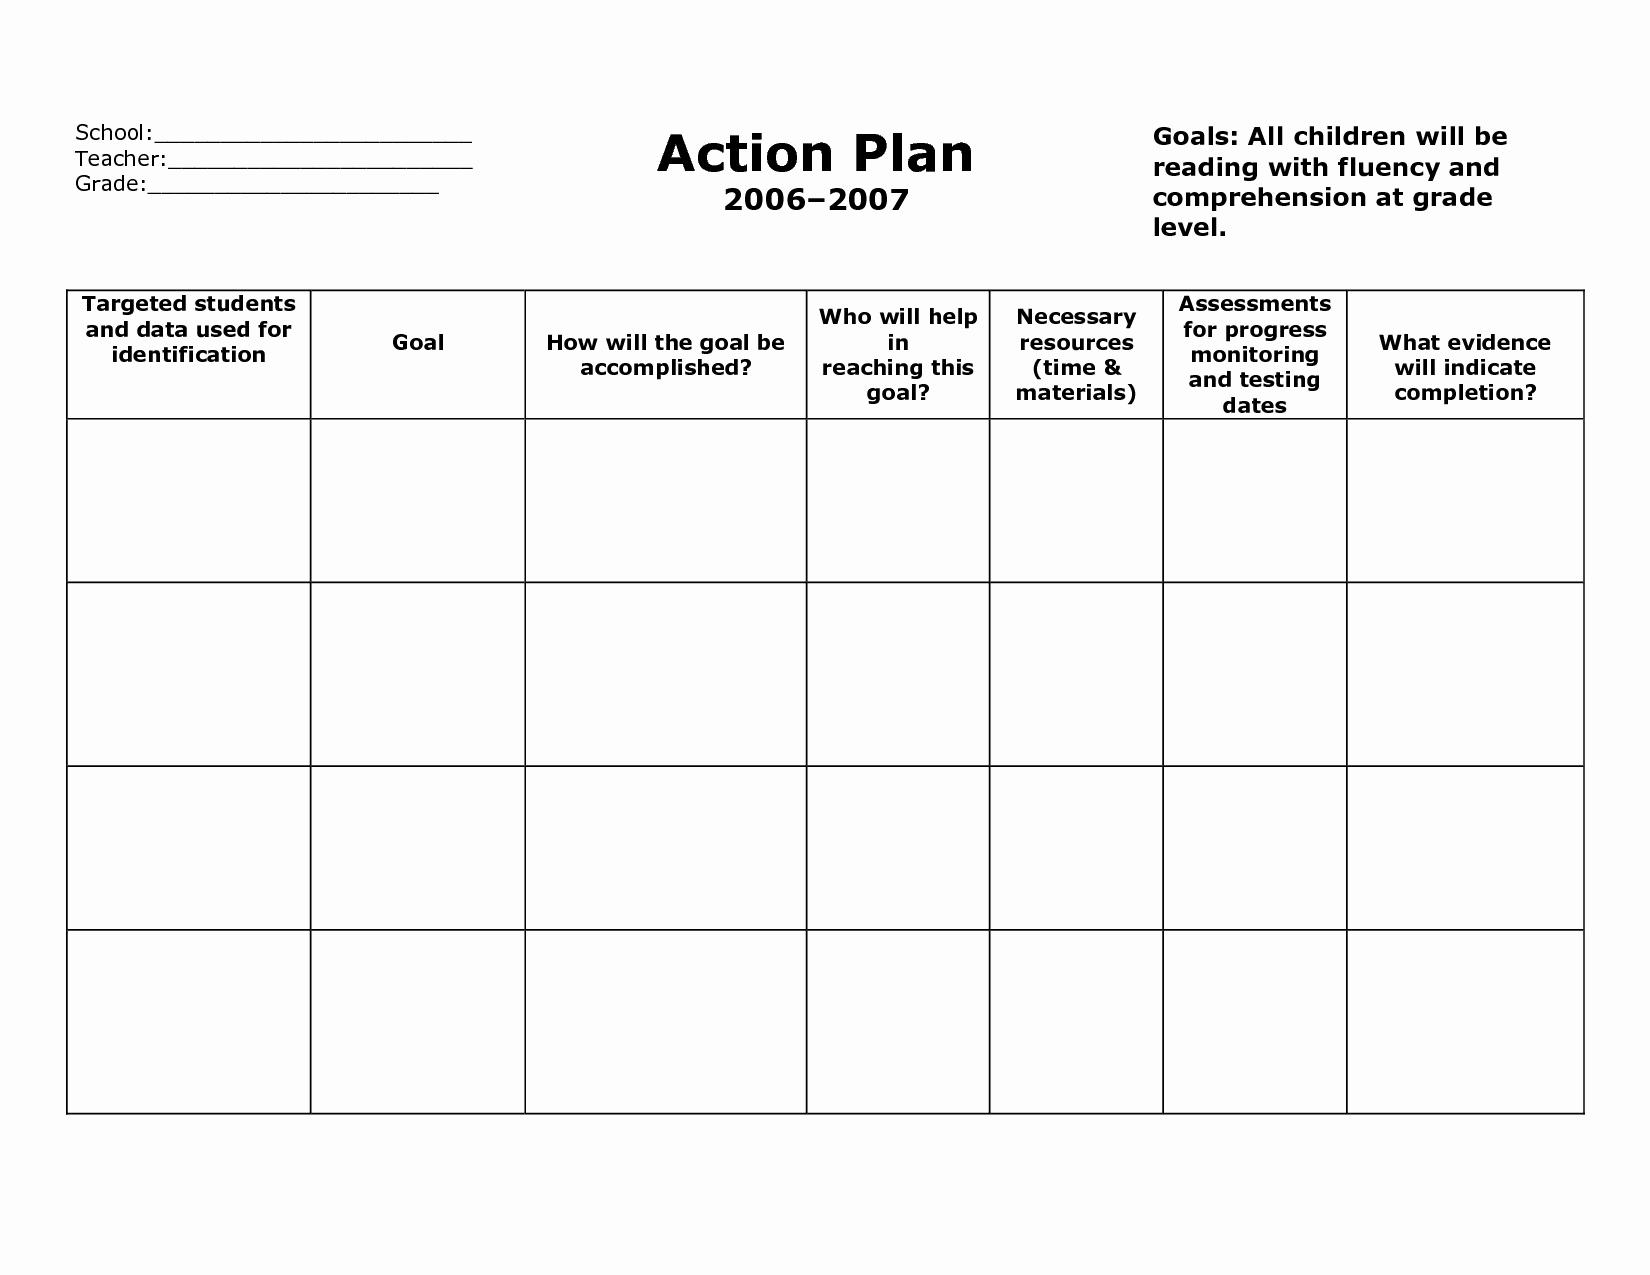 Smart Action Plans Template Unique Action Plan Template Action Plan format V5fclyv5 School Action Plan format